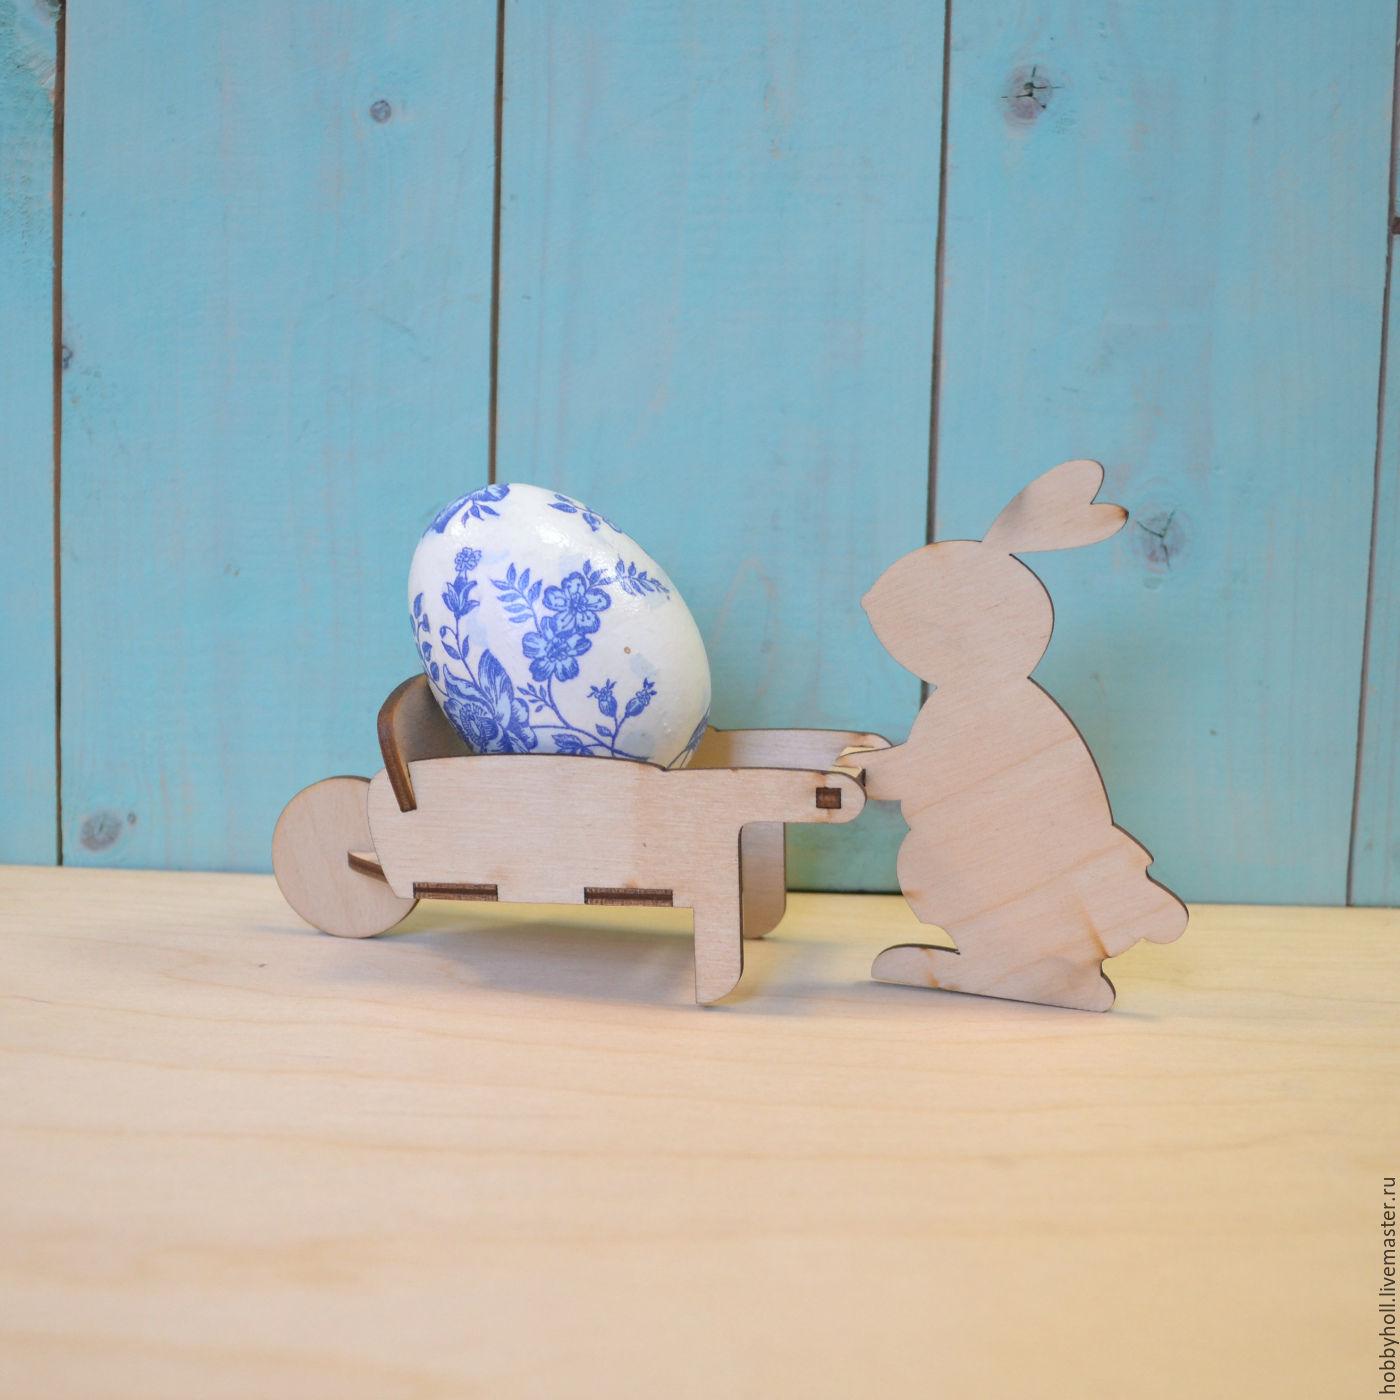 Подставка для яица, Заготовки для декупажа и росписи, Пермь, Фото №1